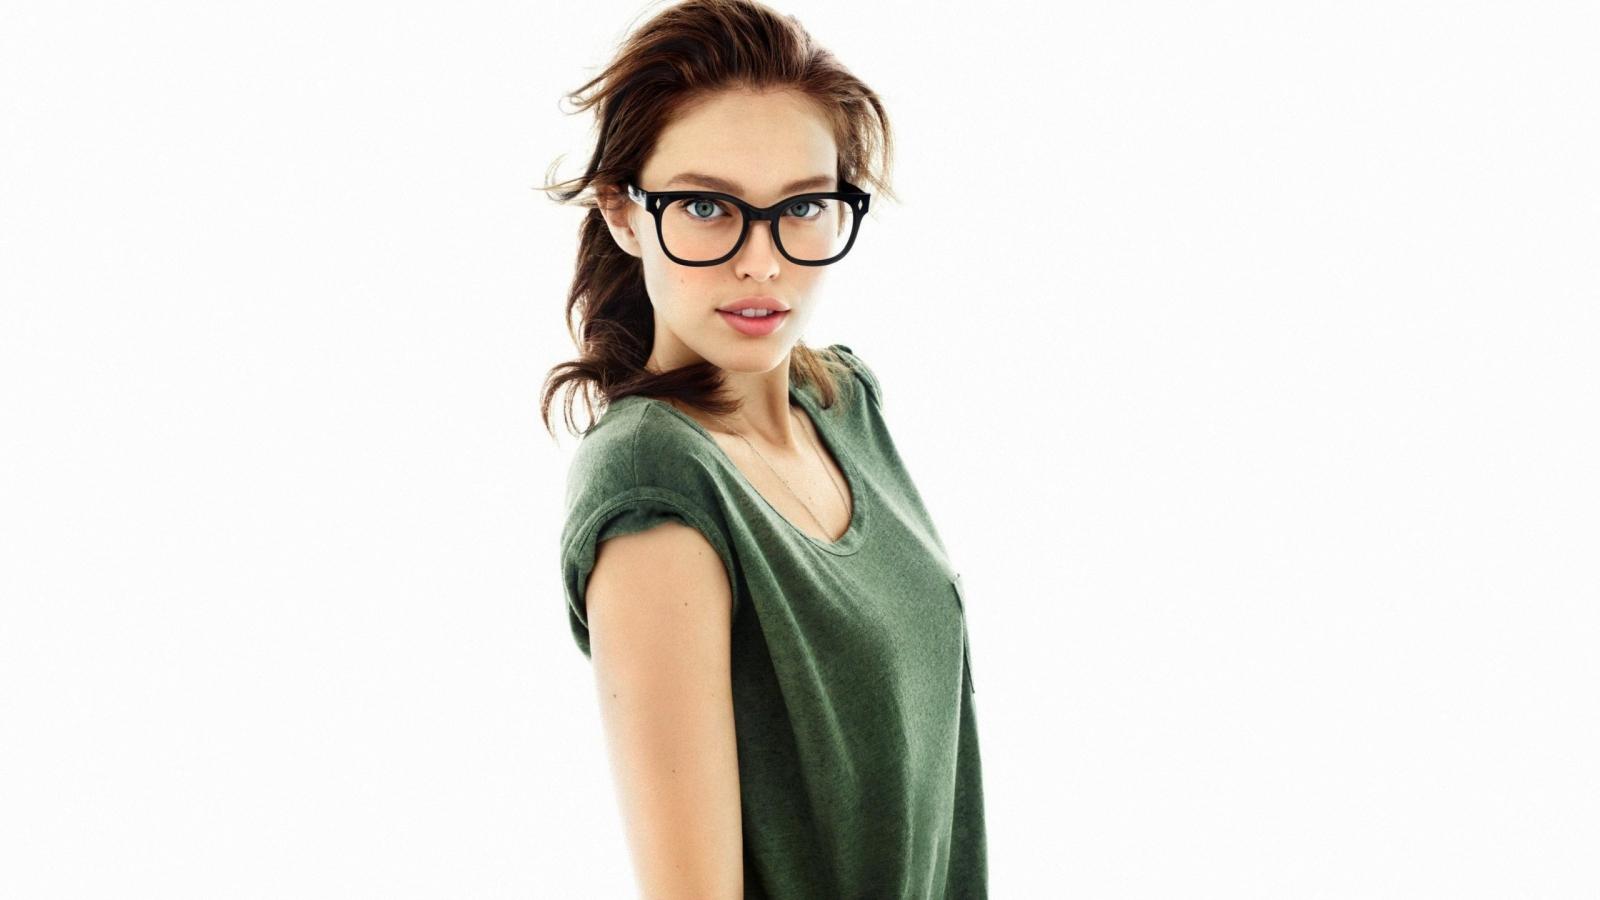 Chicas con lentes - 1600x900